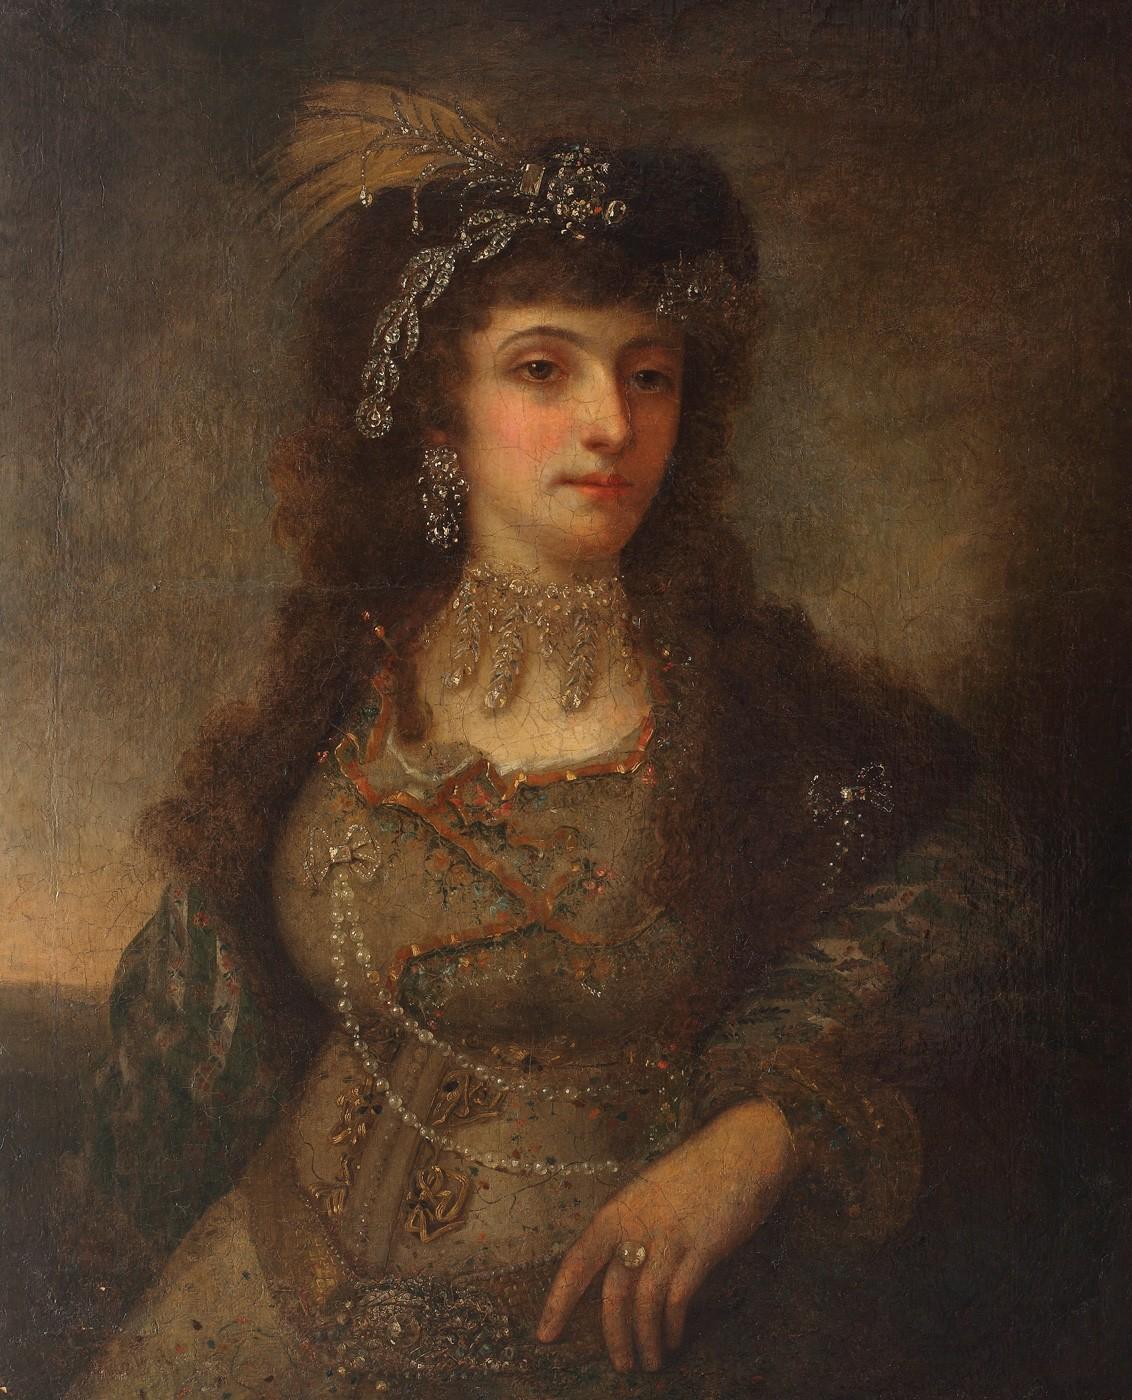 Imagini pentru Mihail Töpler, Portretul Saftei Ipsilanti, soția lui Constantin Vodă Ipsilanti